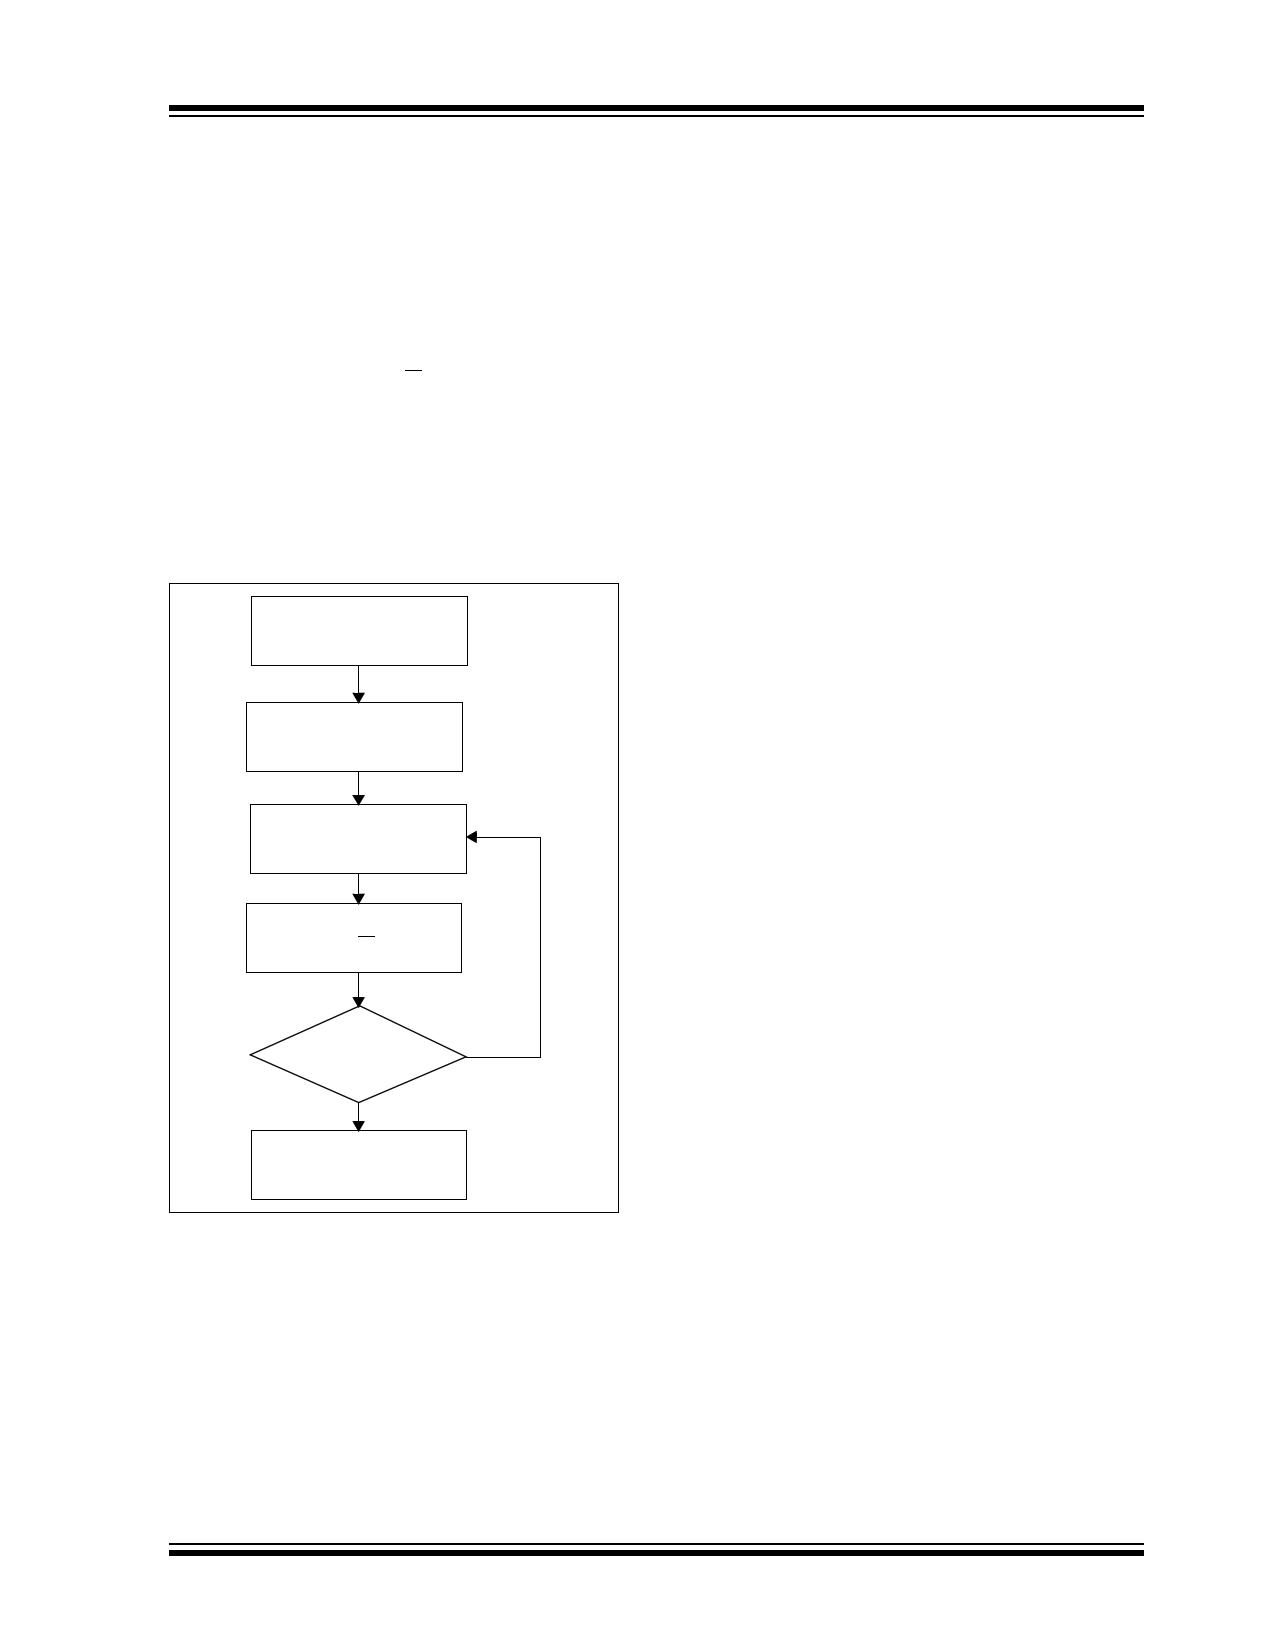 24AA02 diode, scr